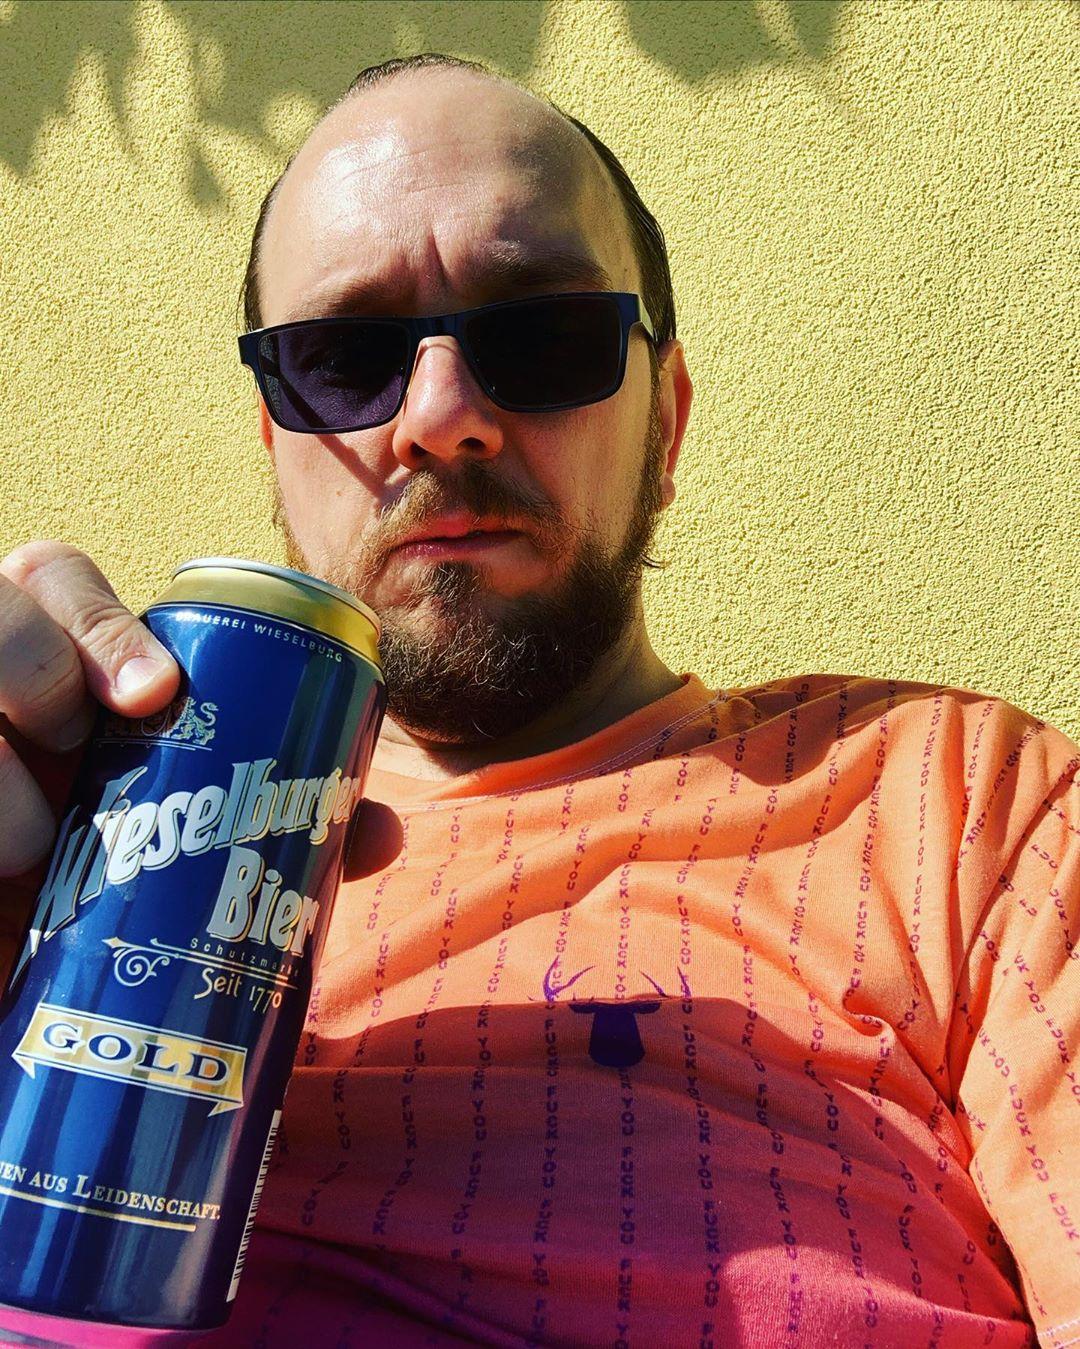 Noch a bissl den Sonntag in der Sonne verbringen. #verstecktebotschaft